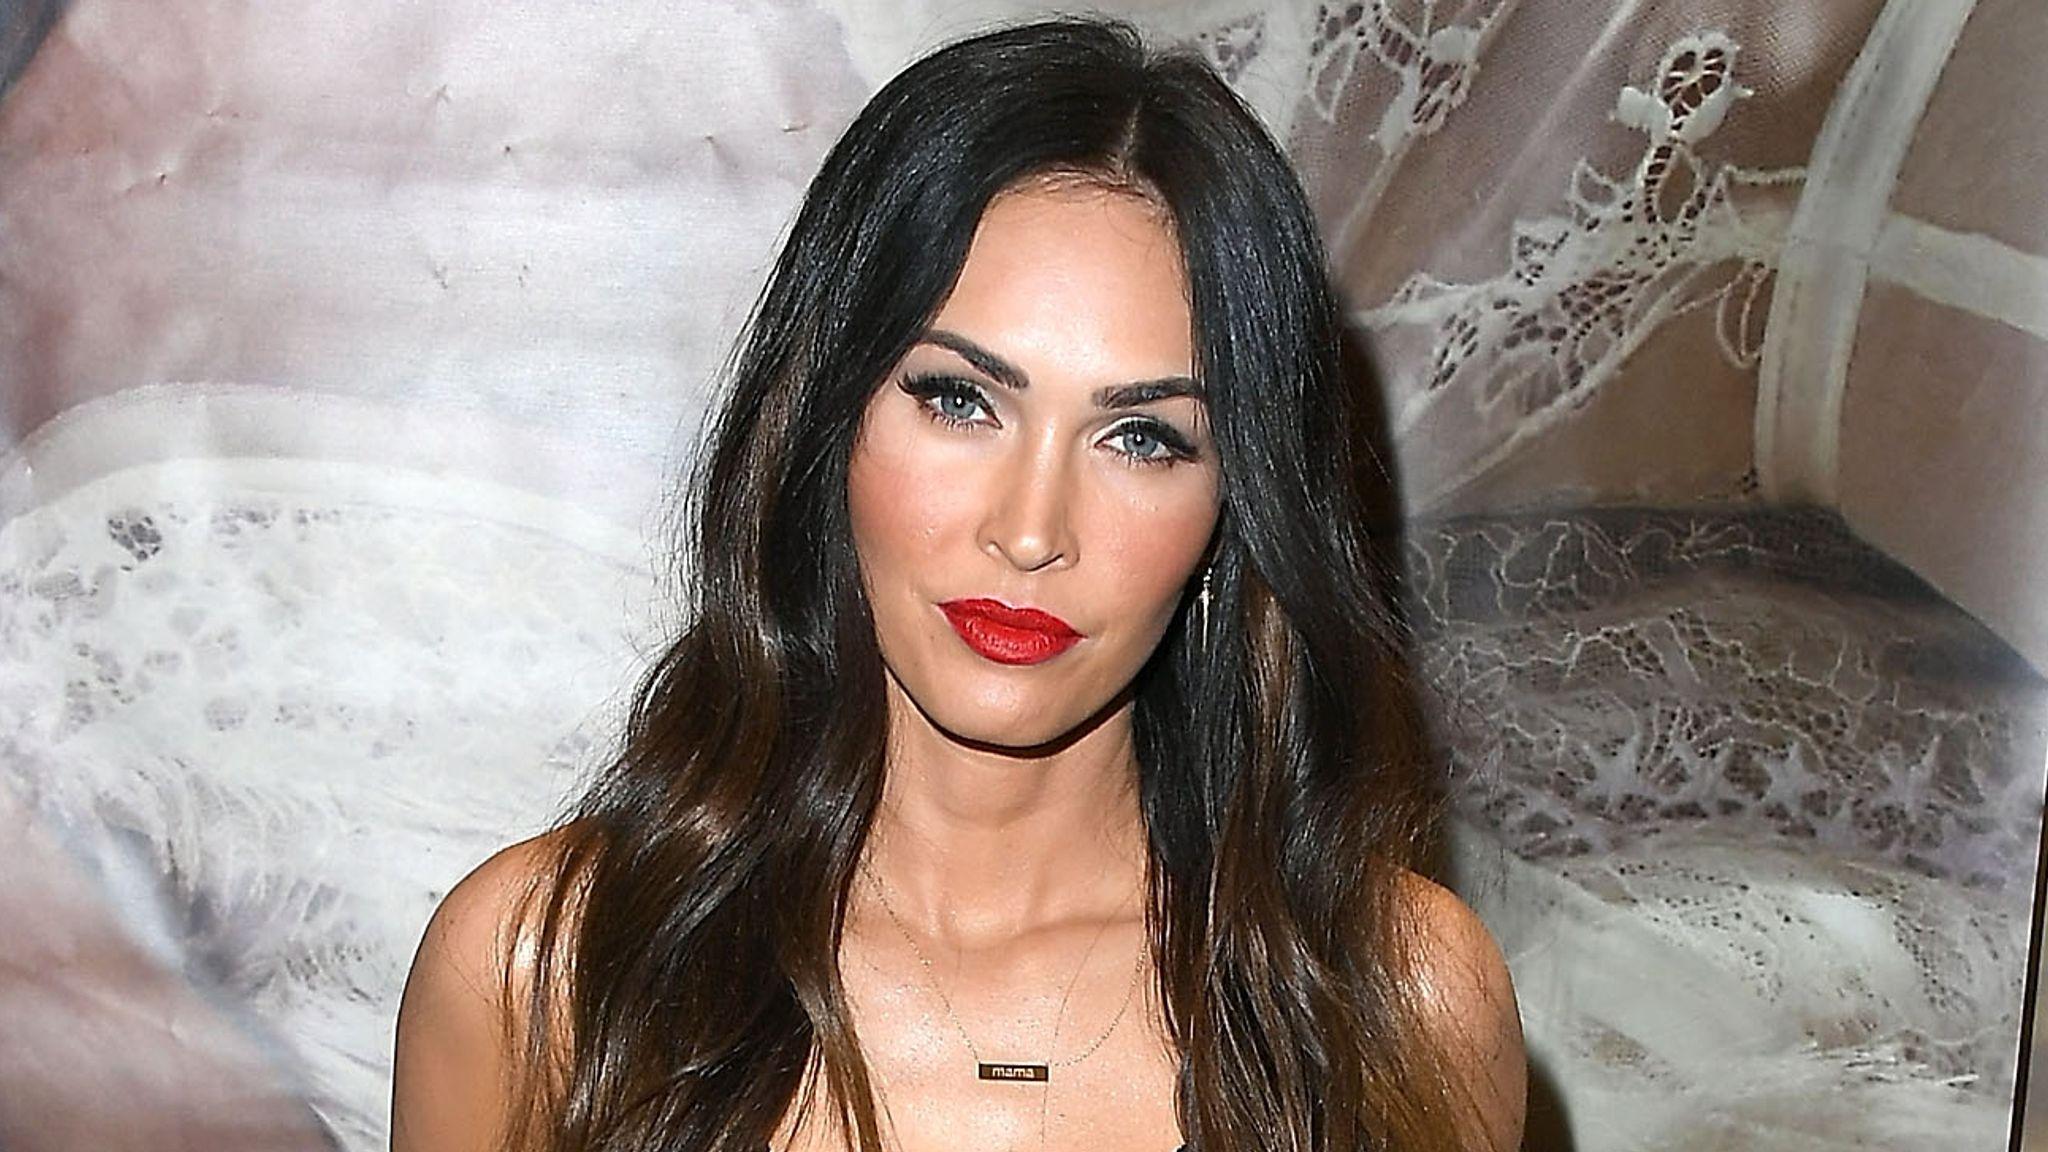 Shkaktoi reagime për mosmbajtjen e maskës, Megan Fox reagon lidhur me deklaratën e bujshme